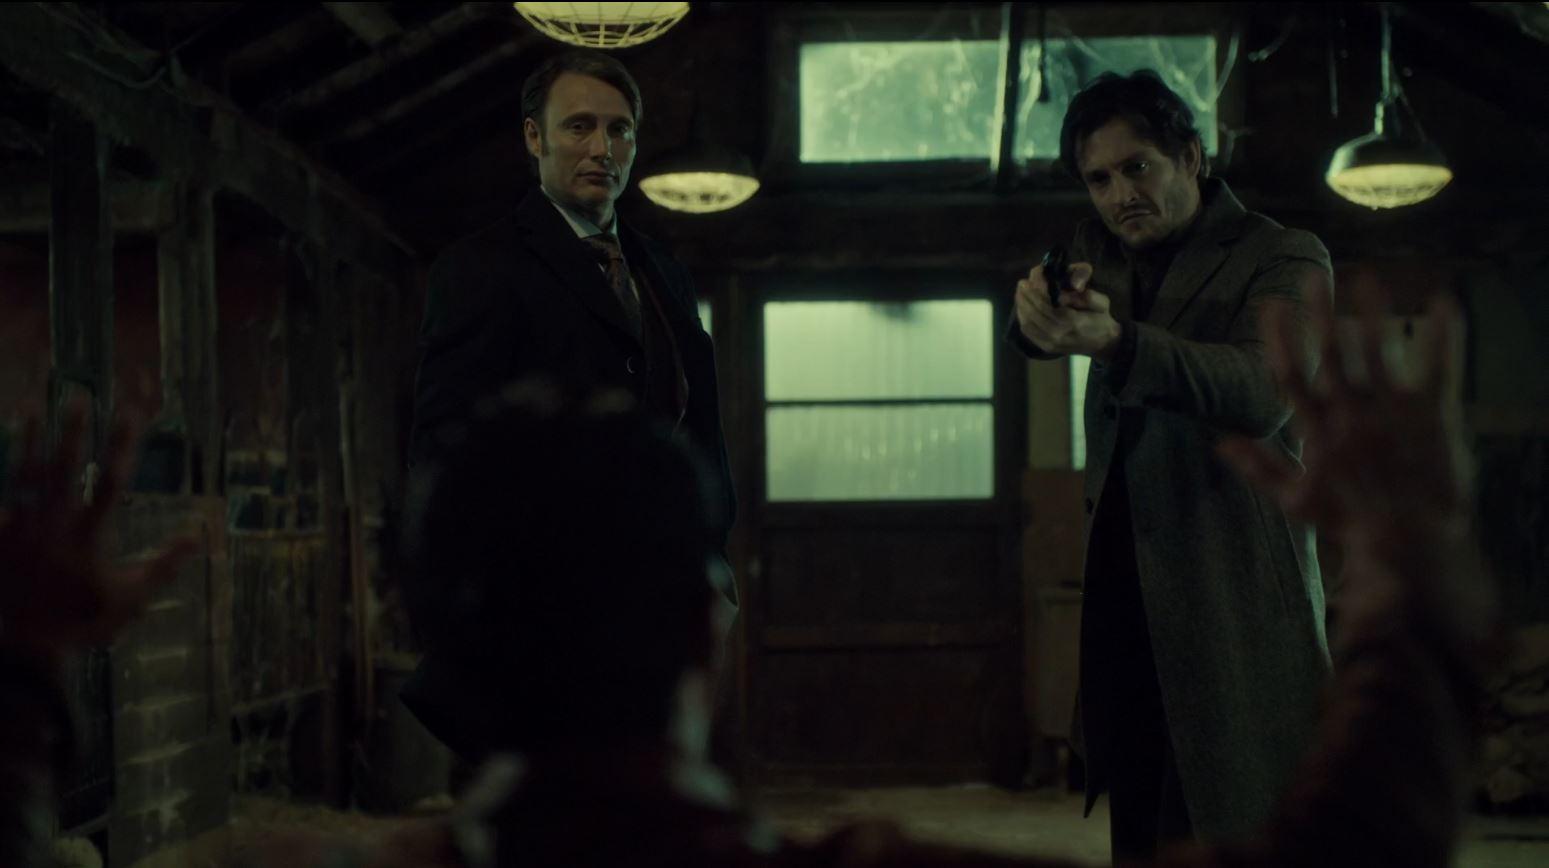 Hannibal Season 2 Episode 8 Su-zakana - Will and Hannibal with a gun